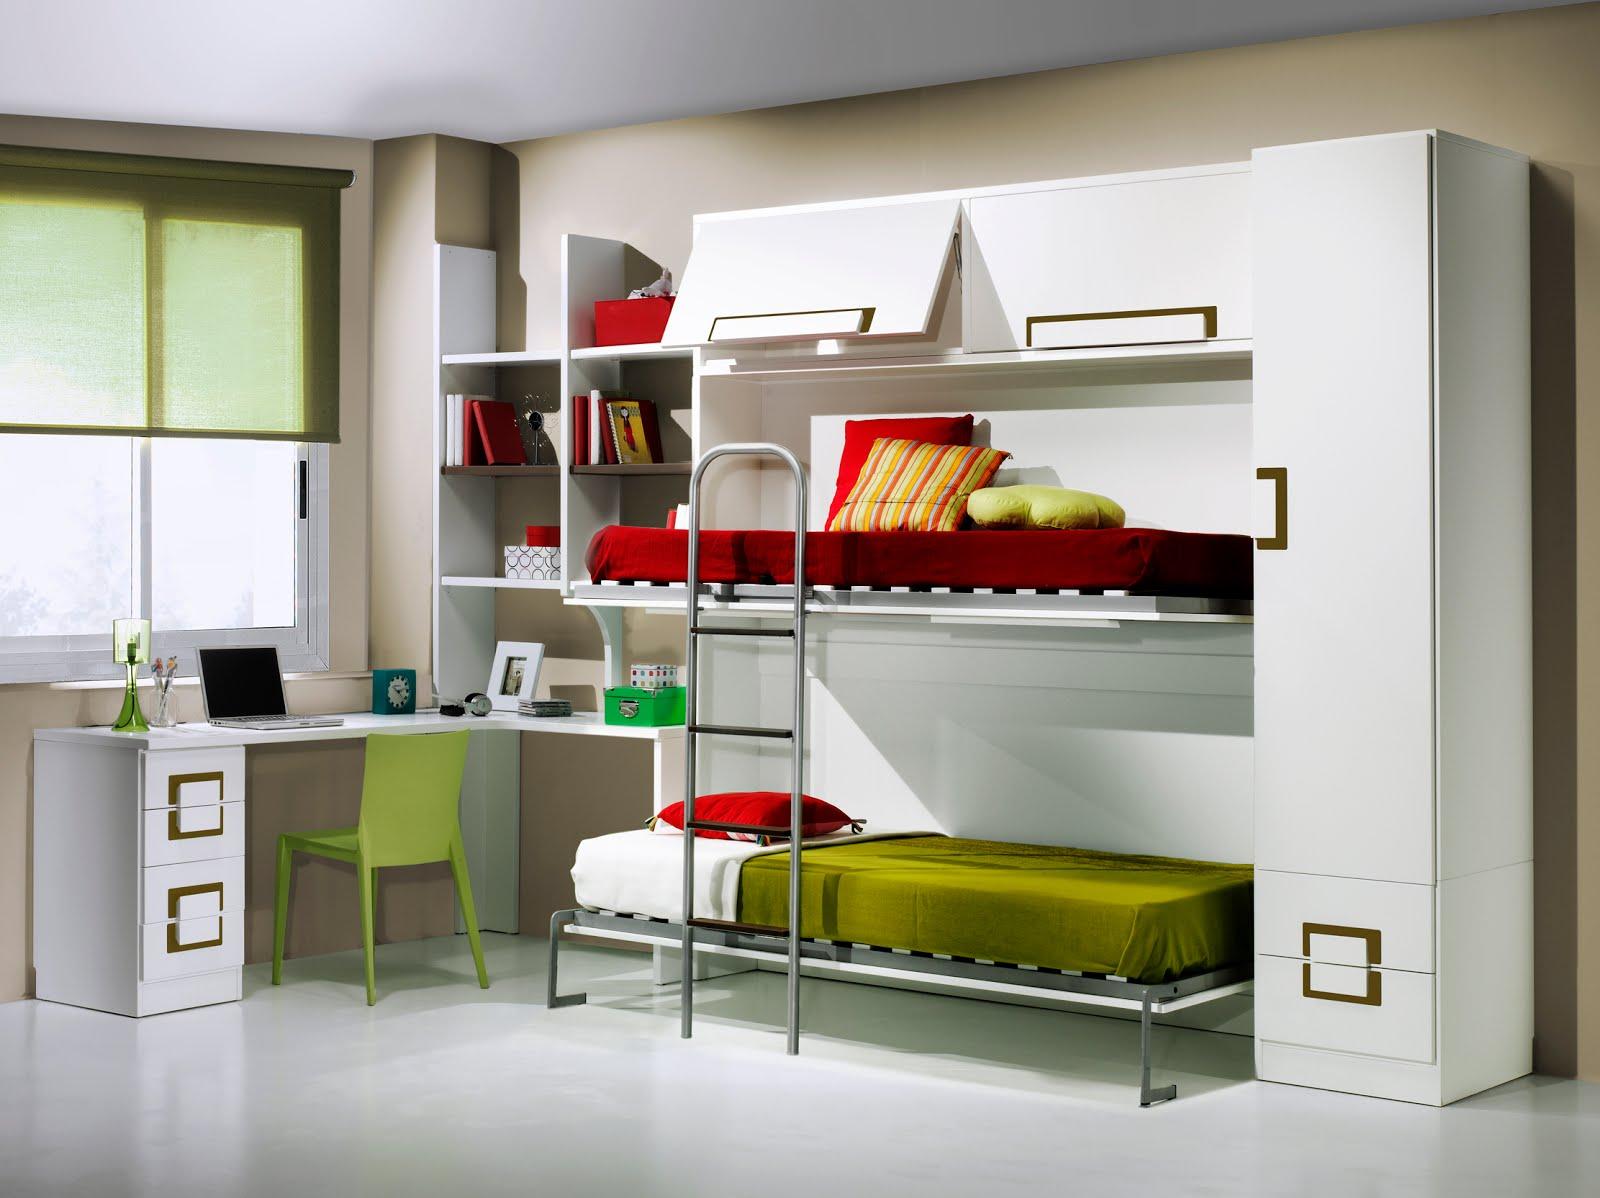 Dormitorios con camas abatibles literas abatibles for Habitaciones para ninas con literas